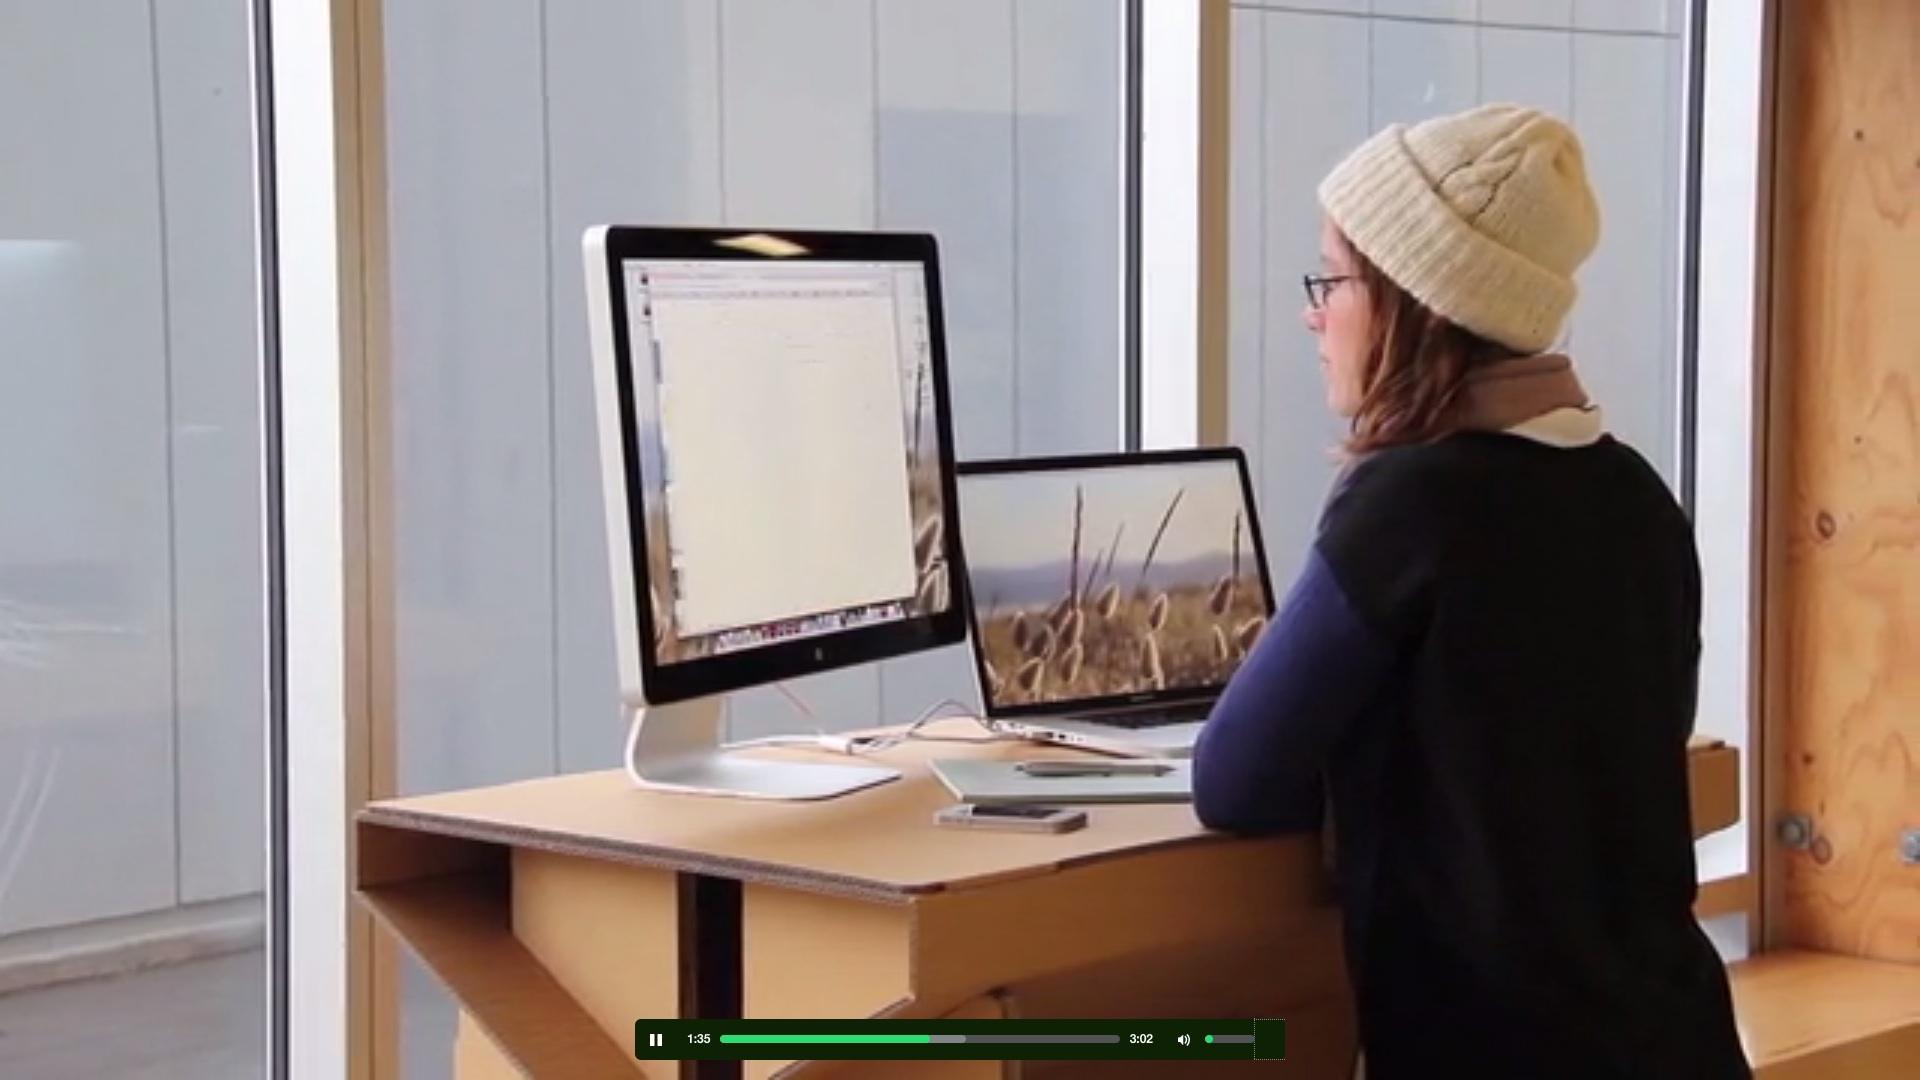 Marquée par la tendance des bureaux pour travailler debout